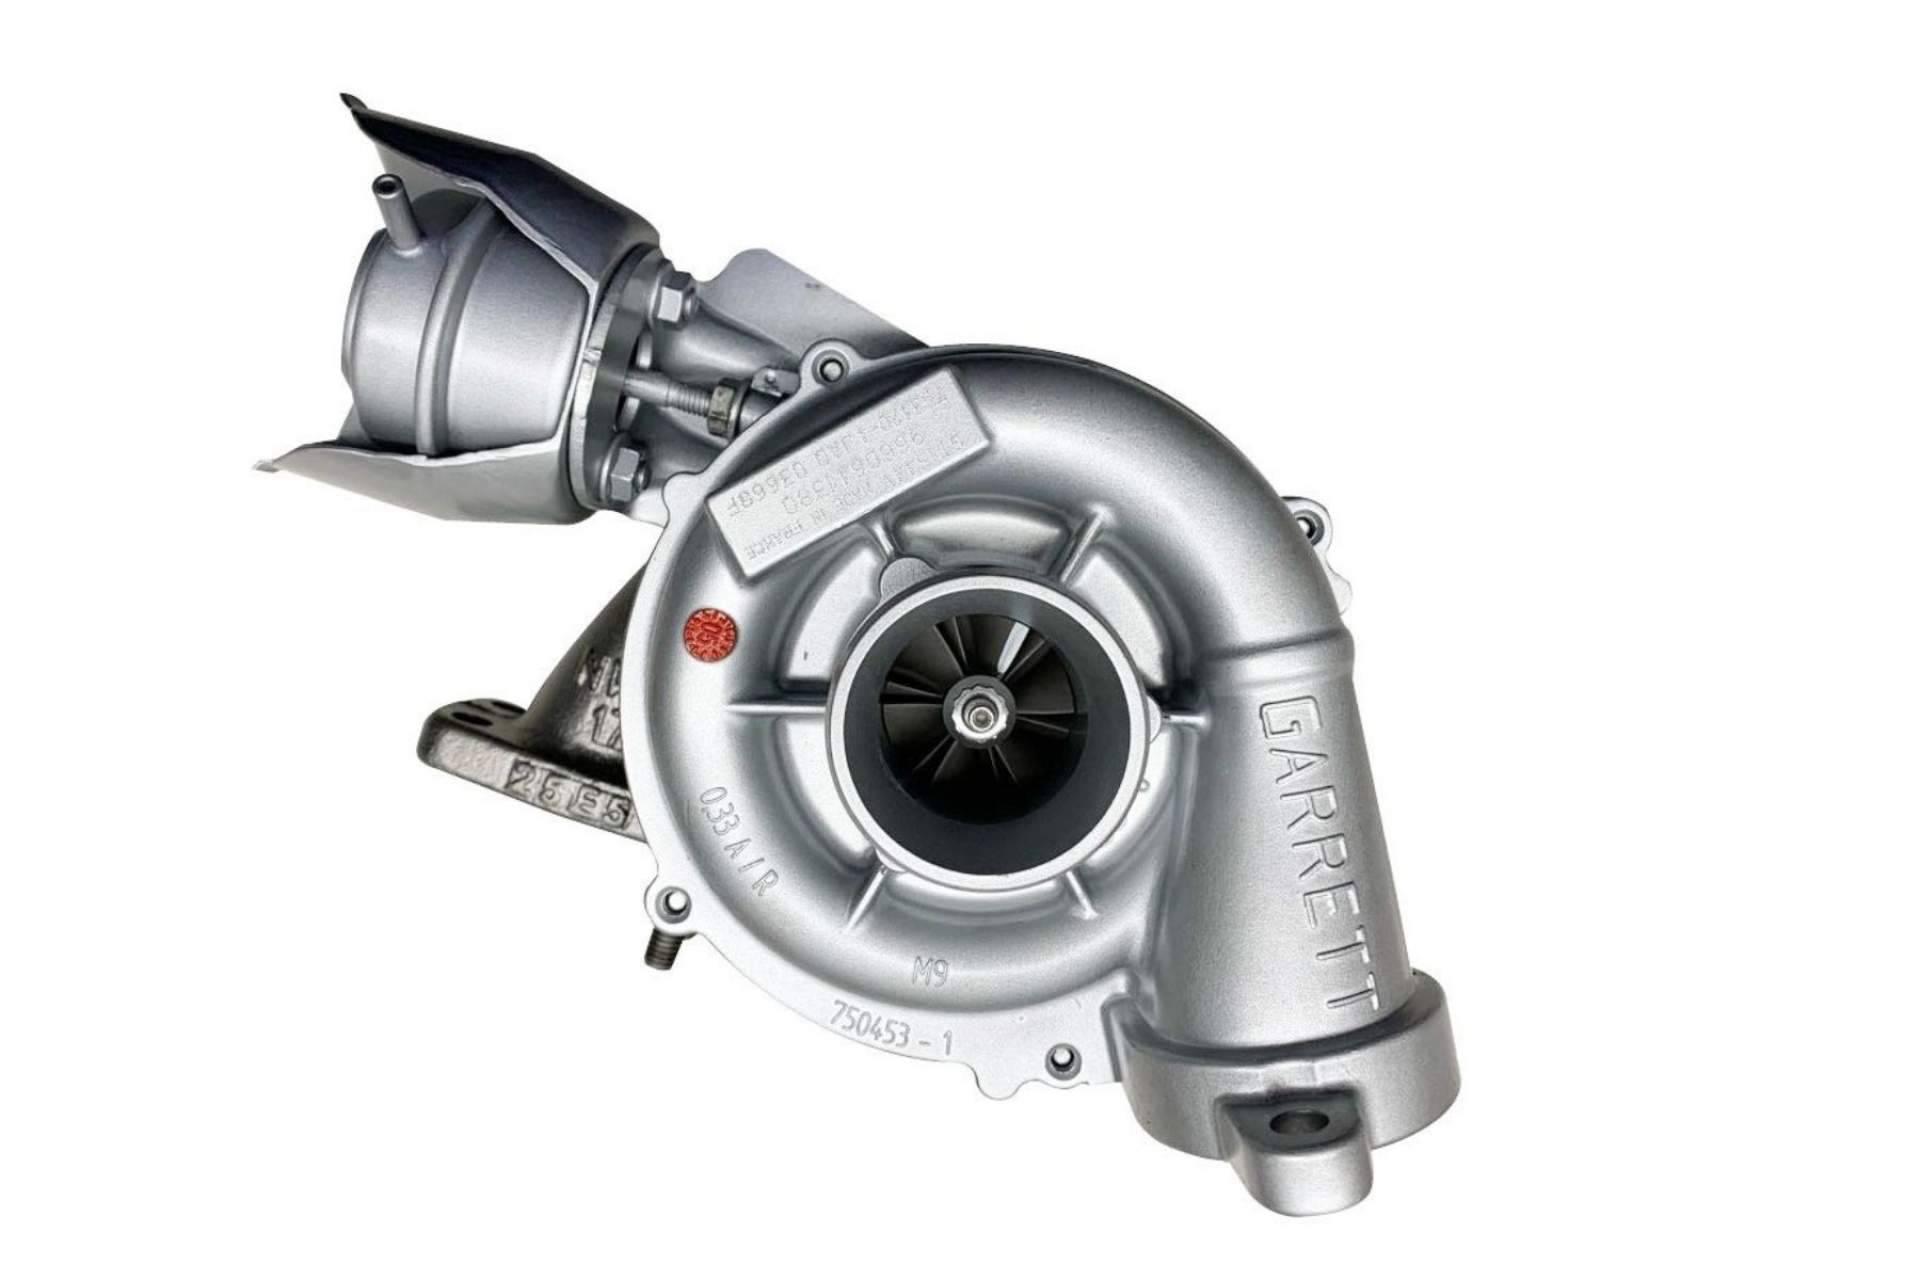 el turbo más vendido en España de la última década según la empresa Turbos24h